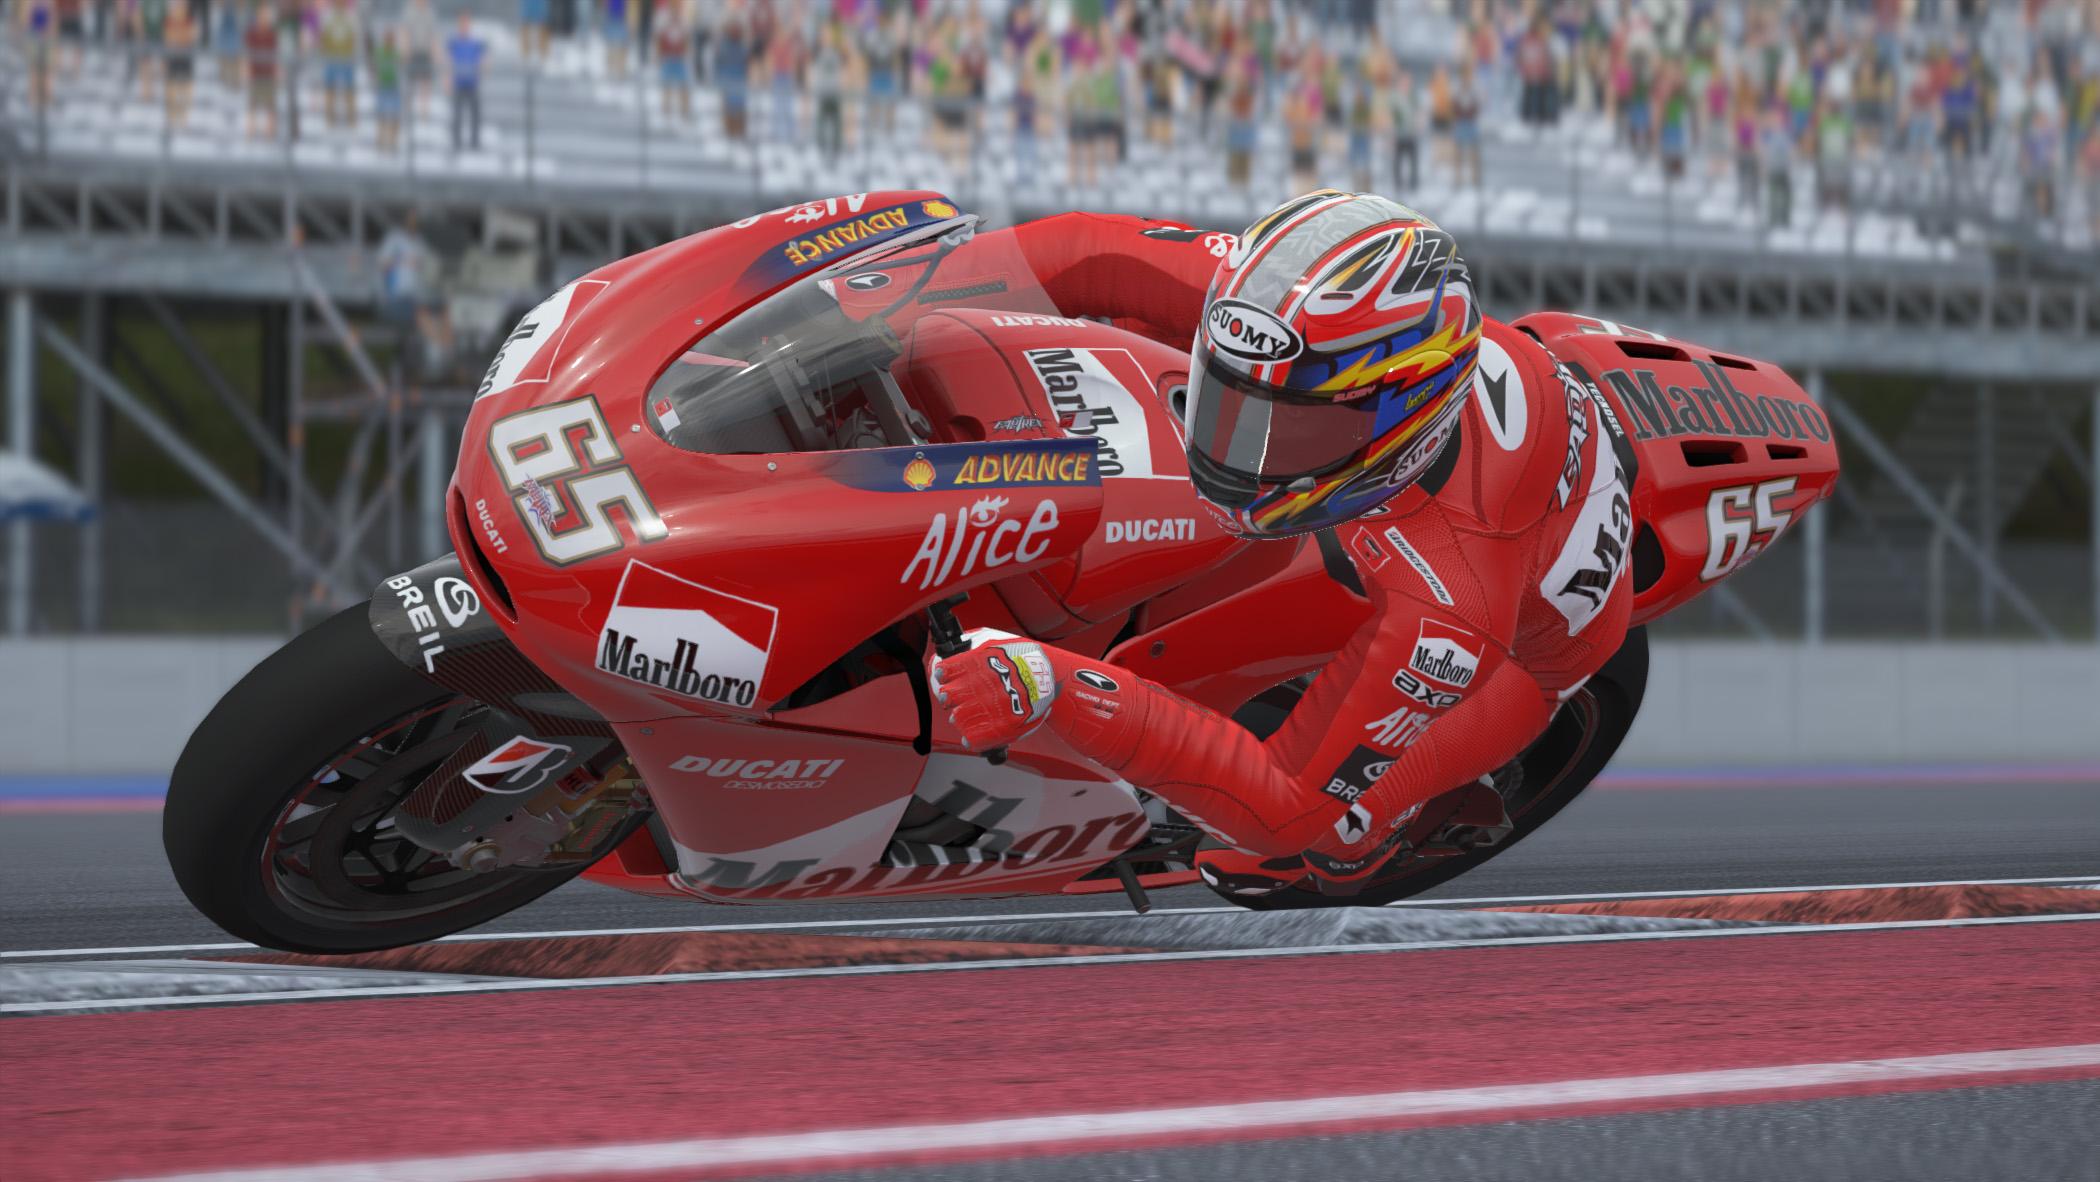 MotoGPVR46X64 2016-07-01 23-47-25-01.jpg